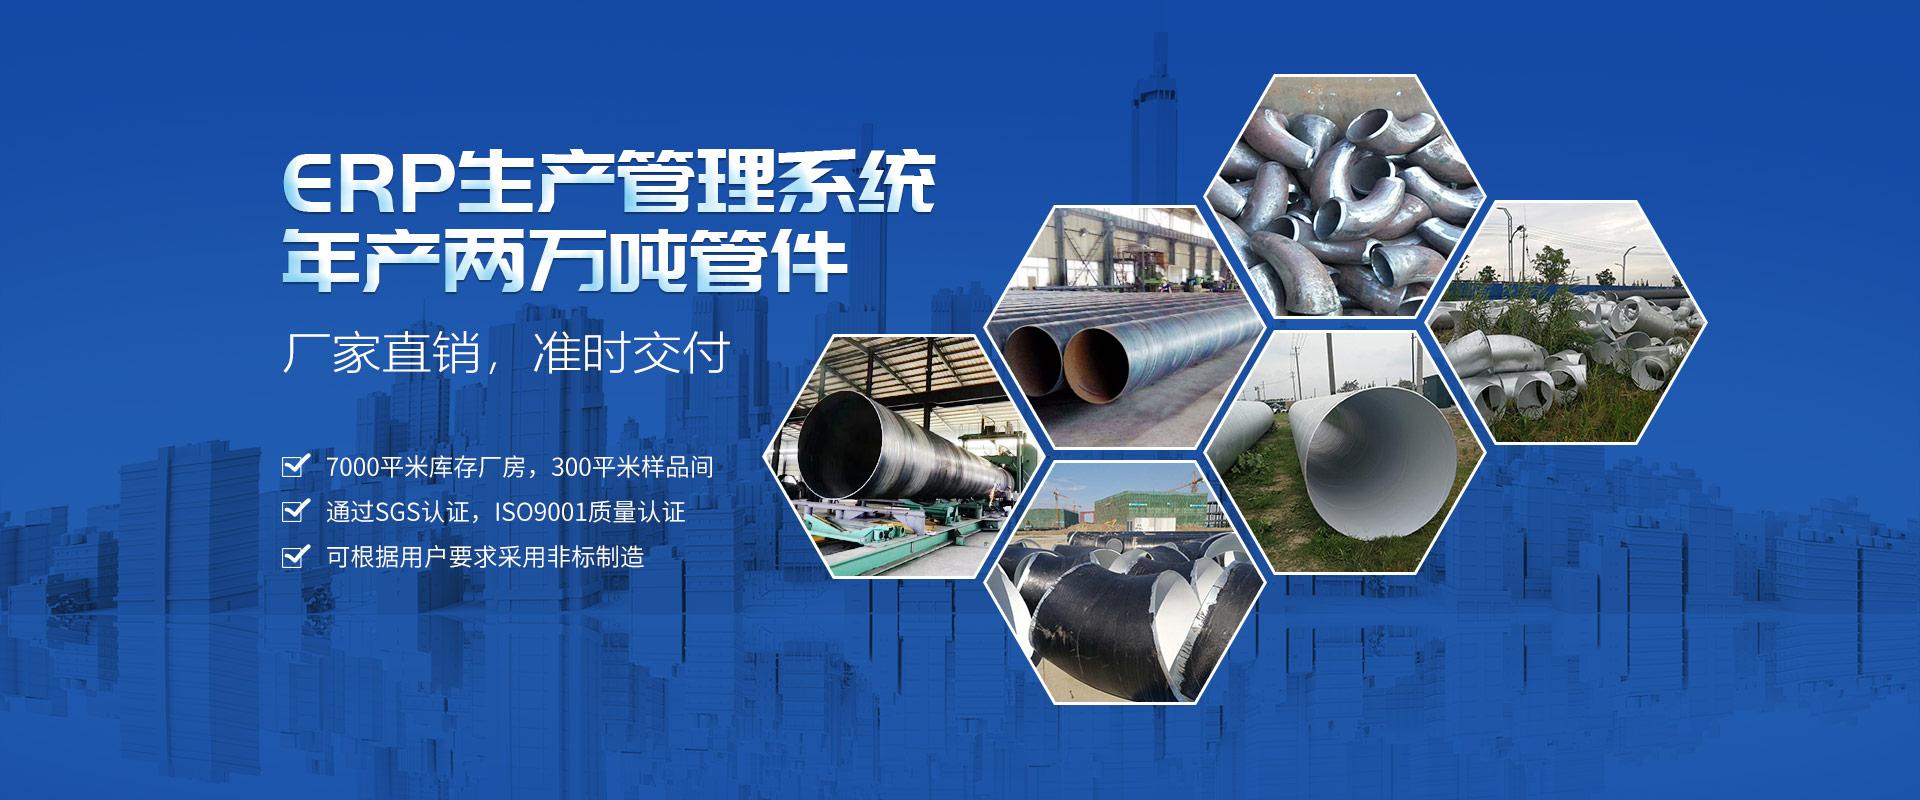 ERP生产管理系统年产两万吨管件 厂家直销 准时交付